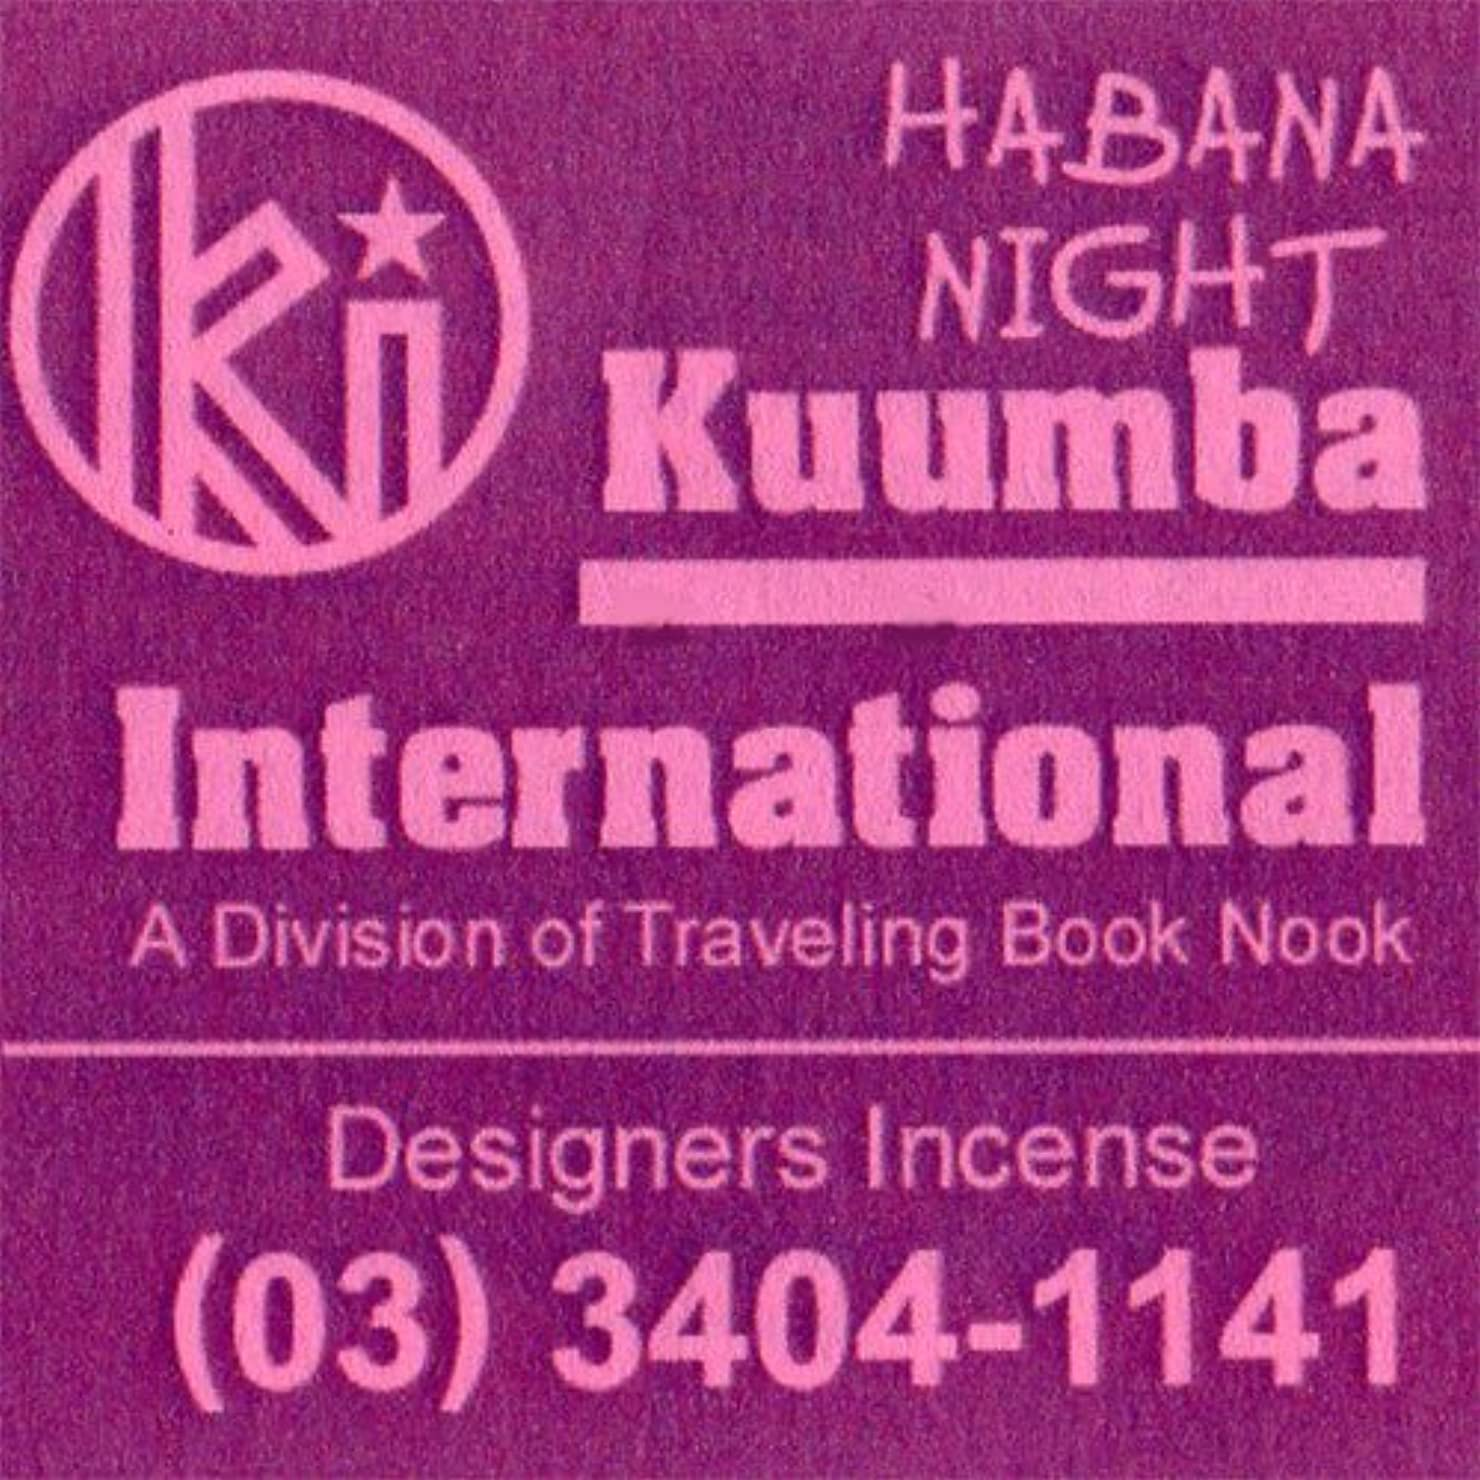 派生する干し草安価なKUUMBA/クンバ『incense』(HABANA NIGHT) (Regular size)